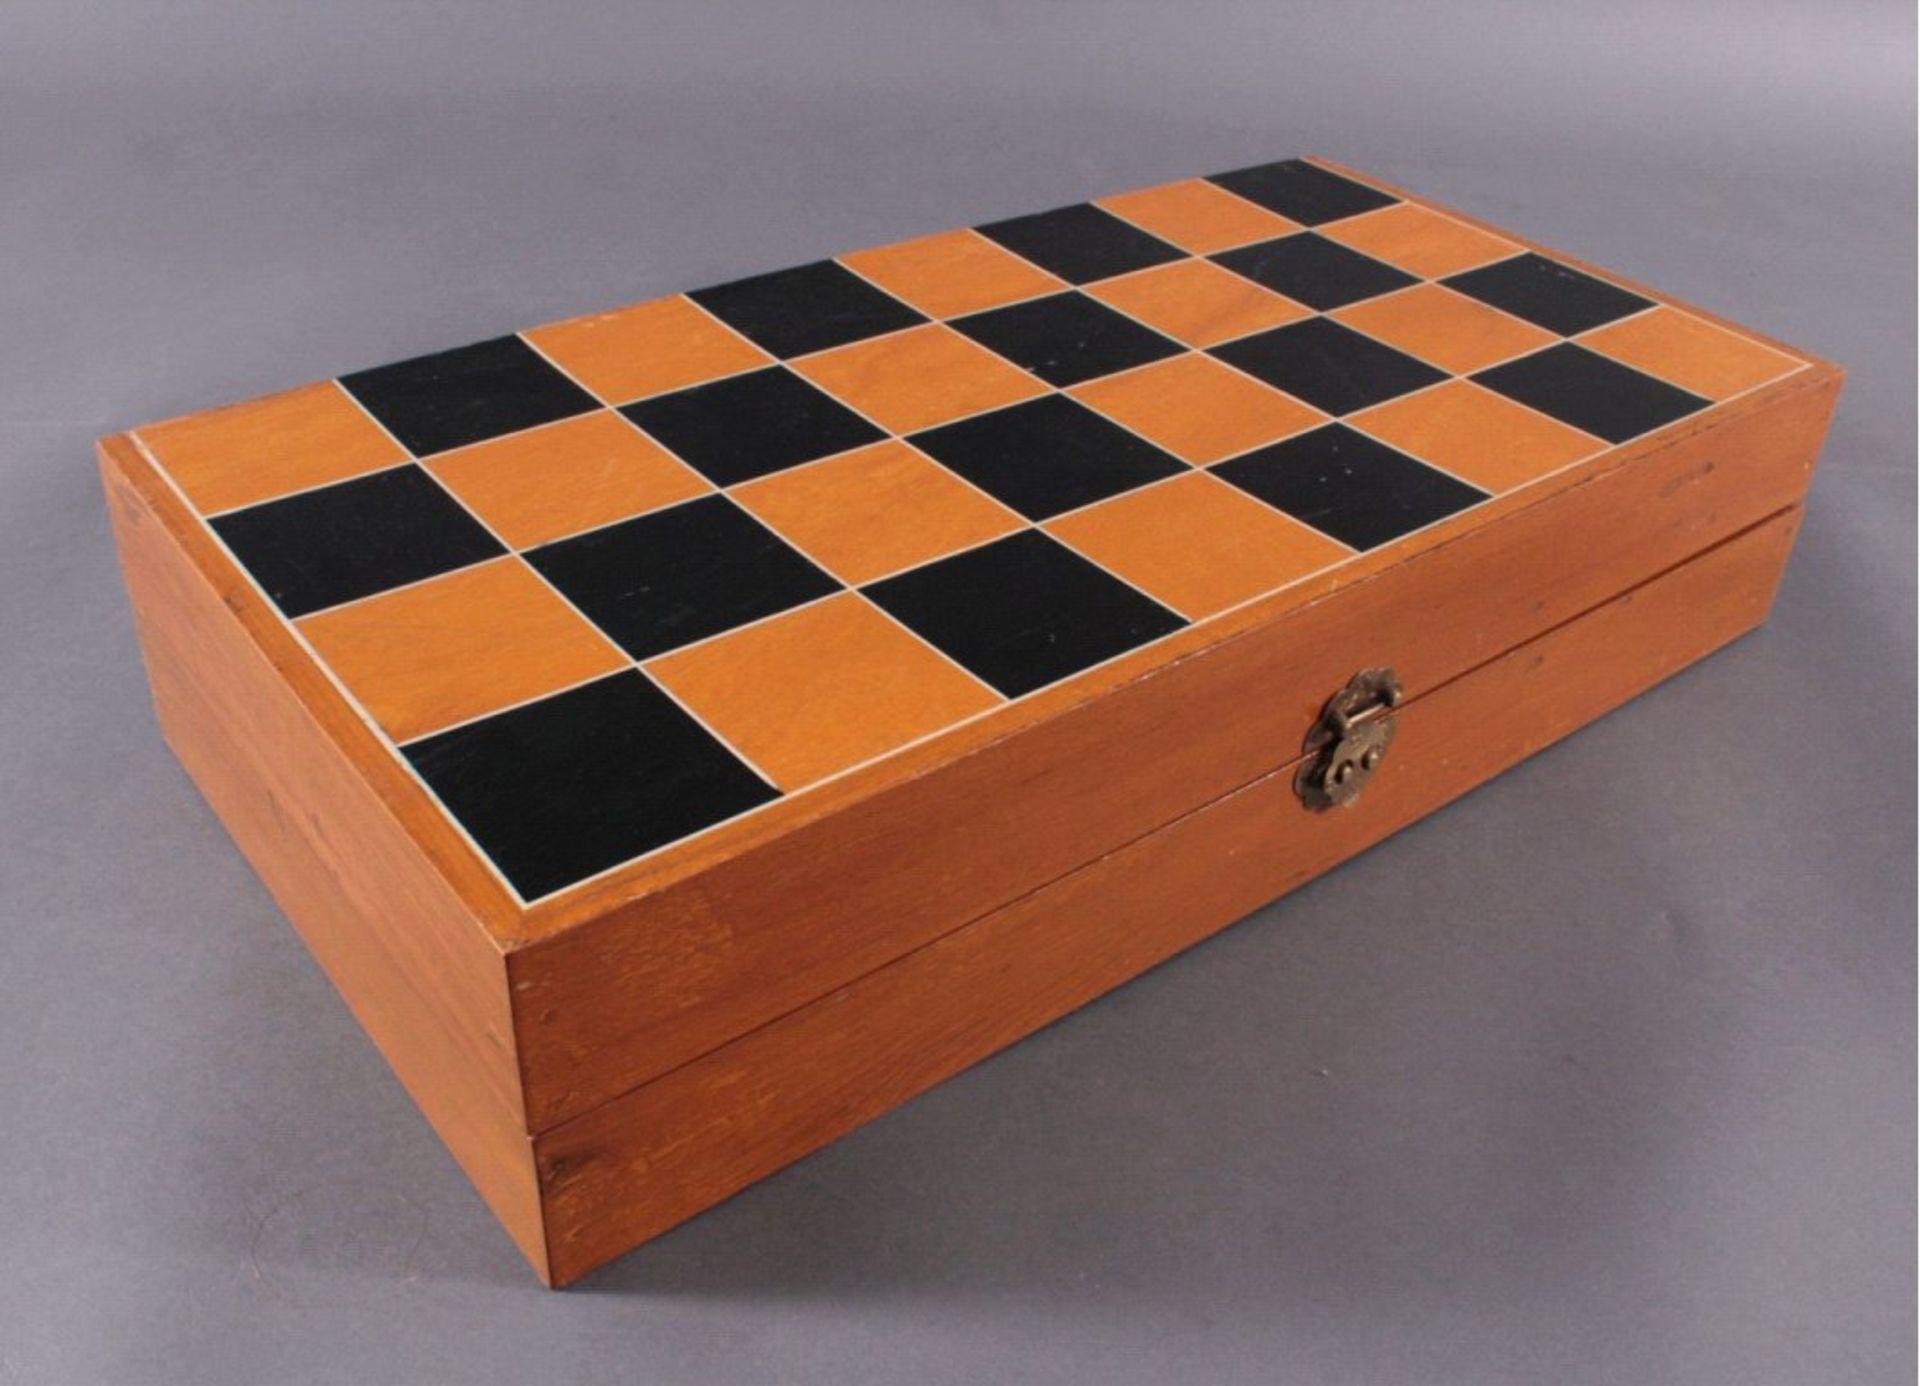 Elfenbein-Schachspiel - China32 Schachfiguren, Elfenbein geschnitzt, partiell brauneingefärbt, in - Bild 3 aus 3